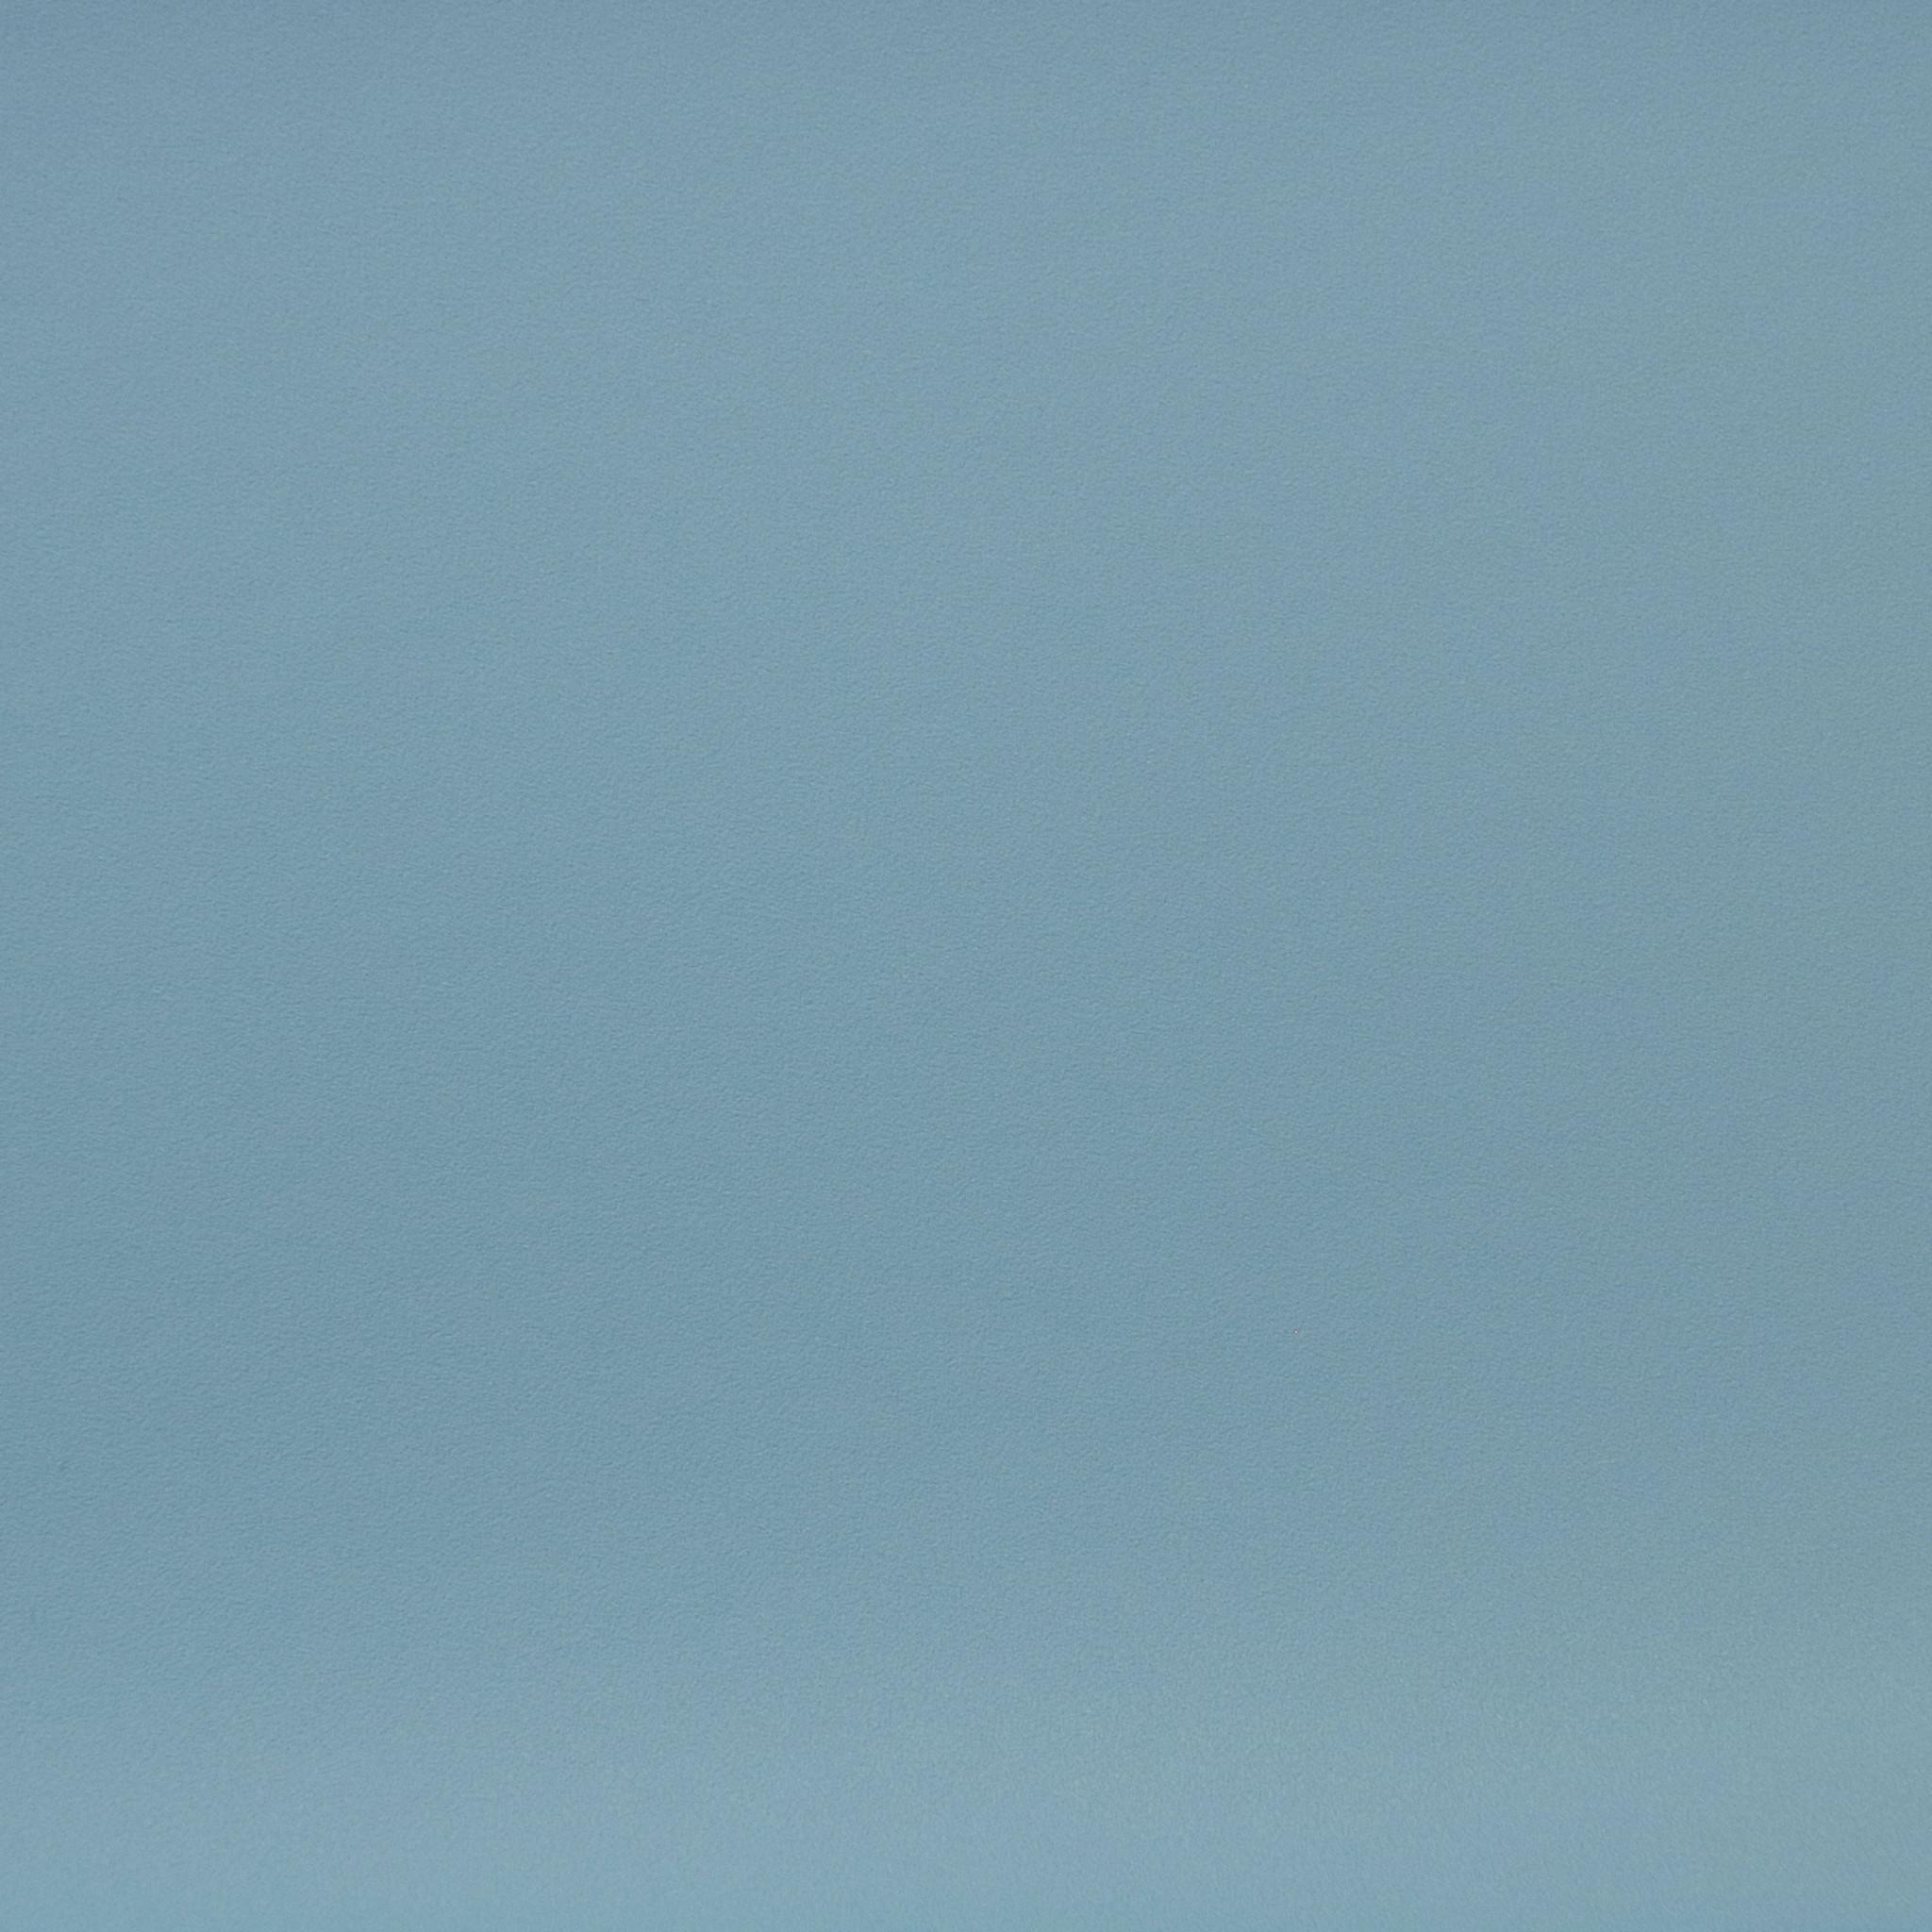 Película interior Smooth Blue